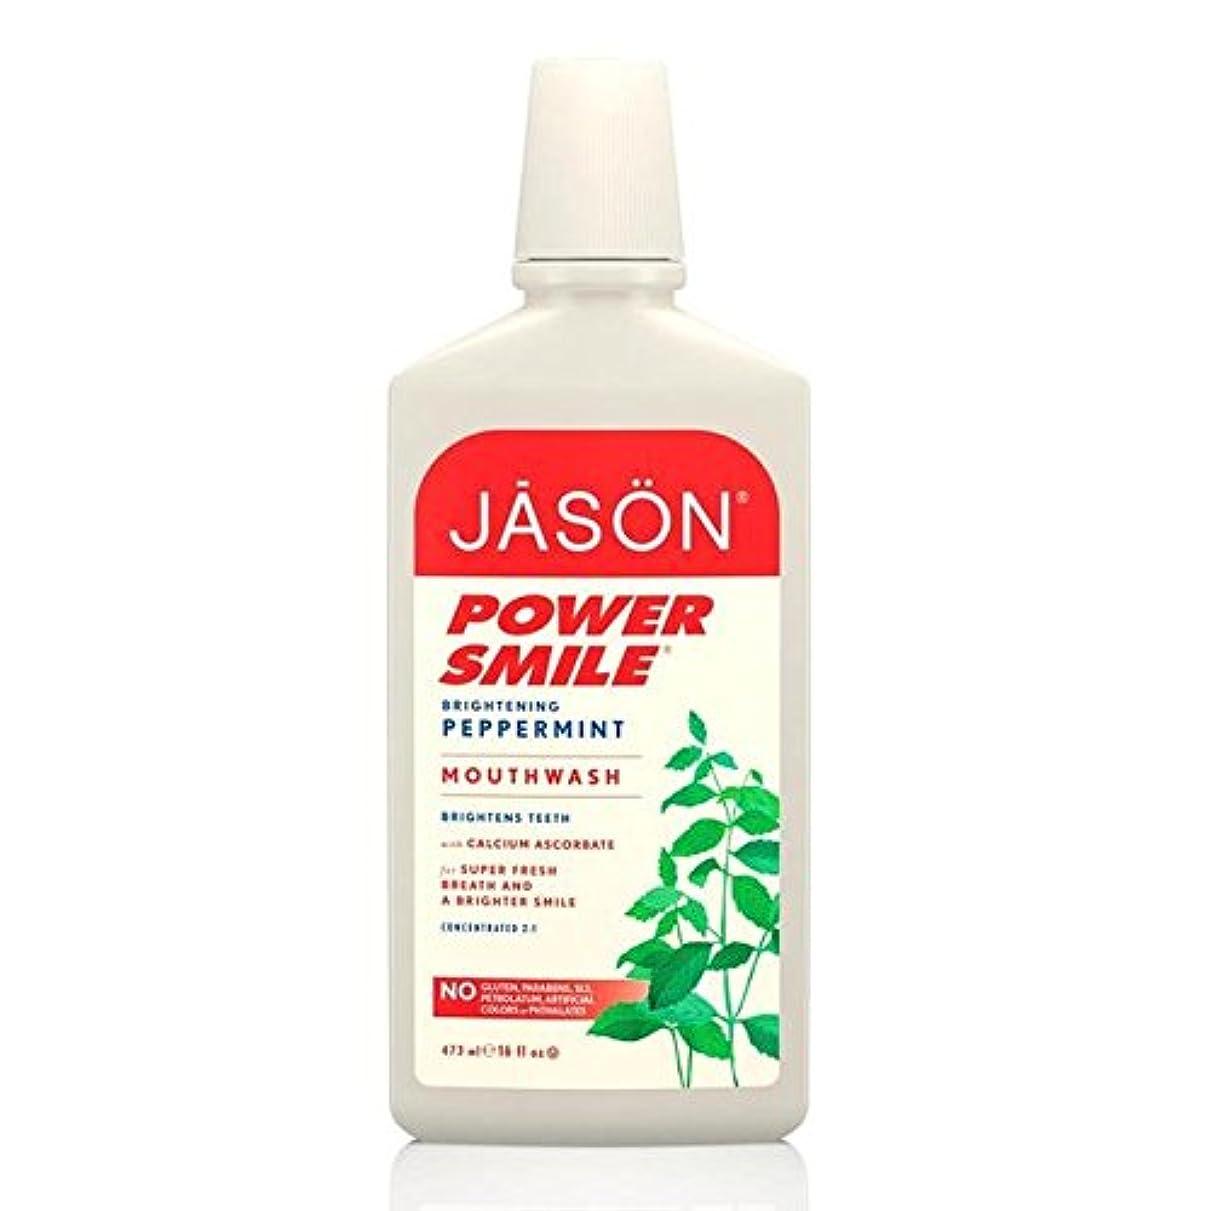 浸漬適格汚いジェイソンマウスウォッシュ480ミリリットル x2 - Jason Powersmile Mouthwash 480ml (Pack of 2) [並行輸入品]